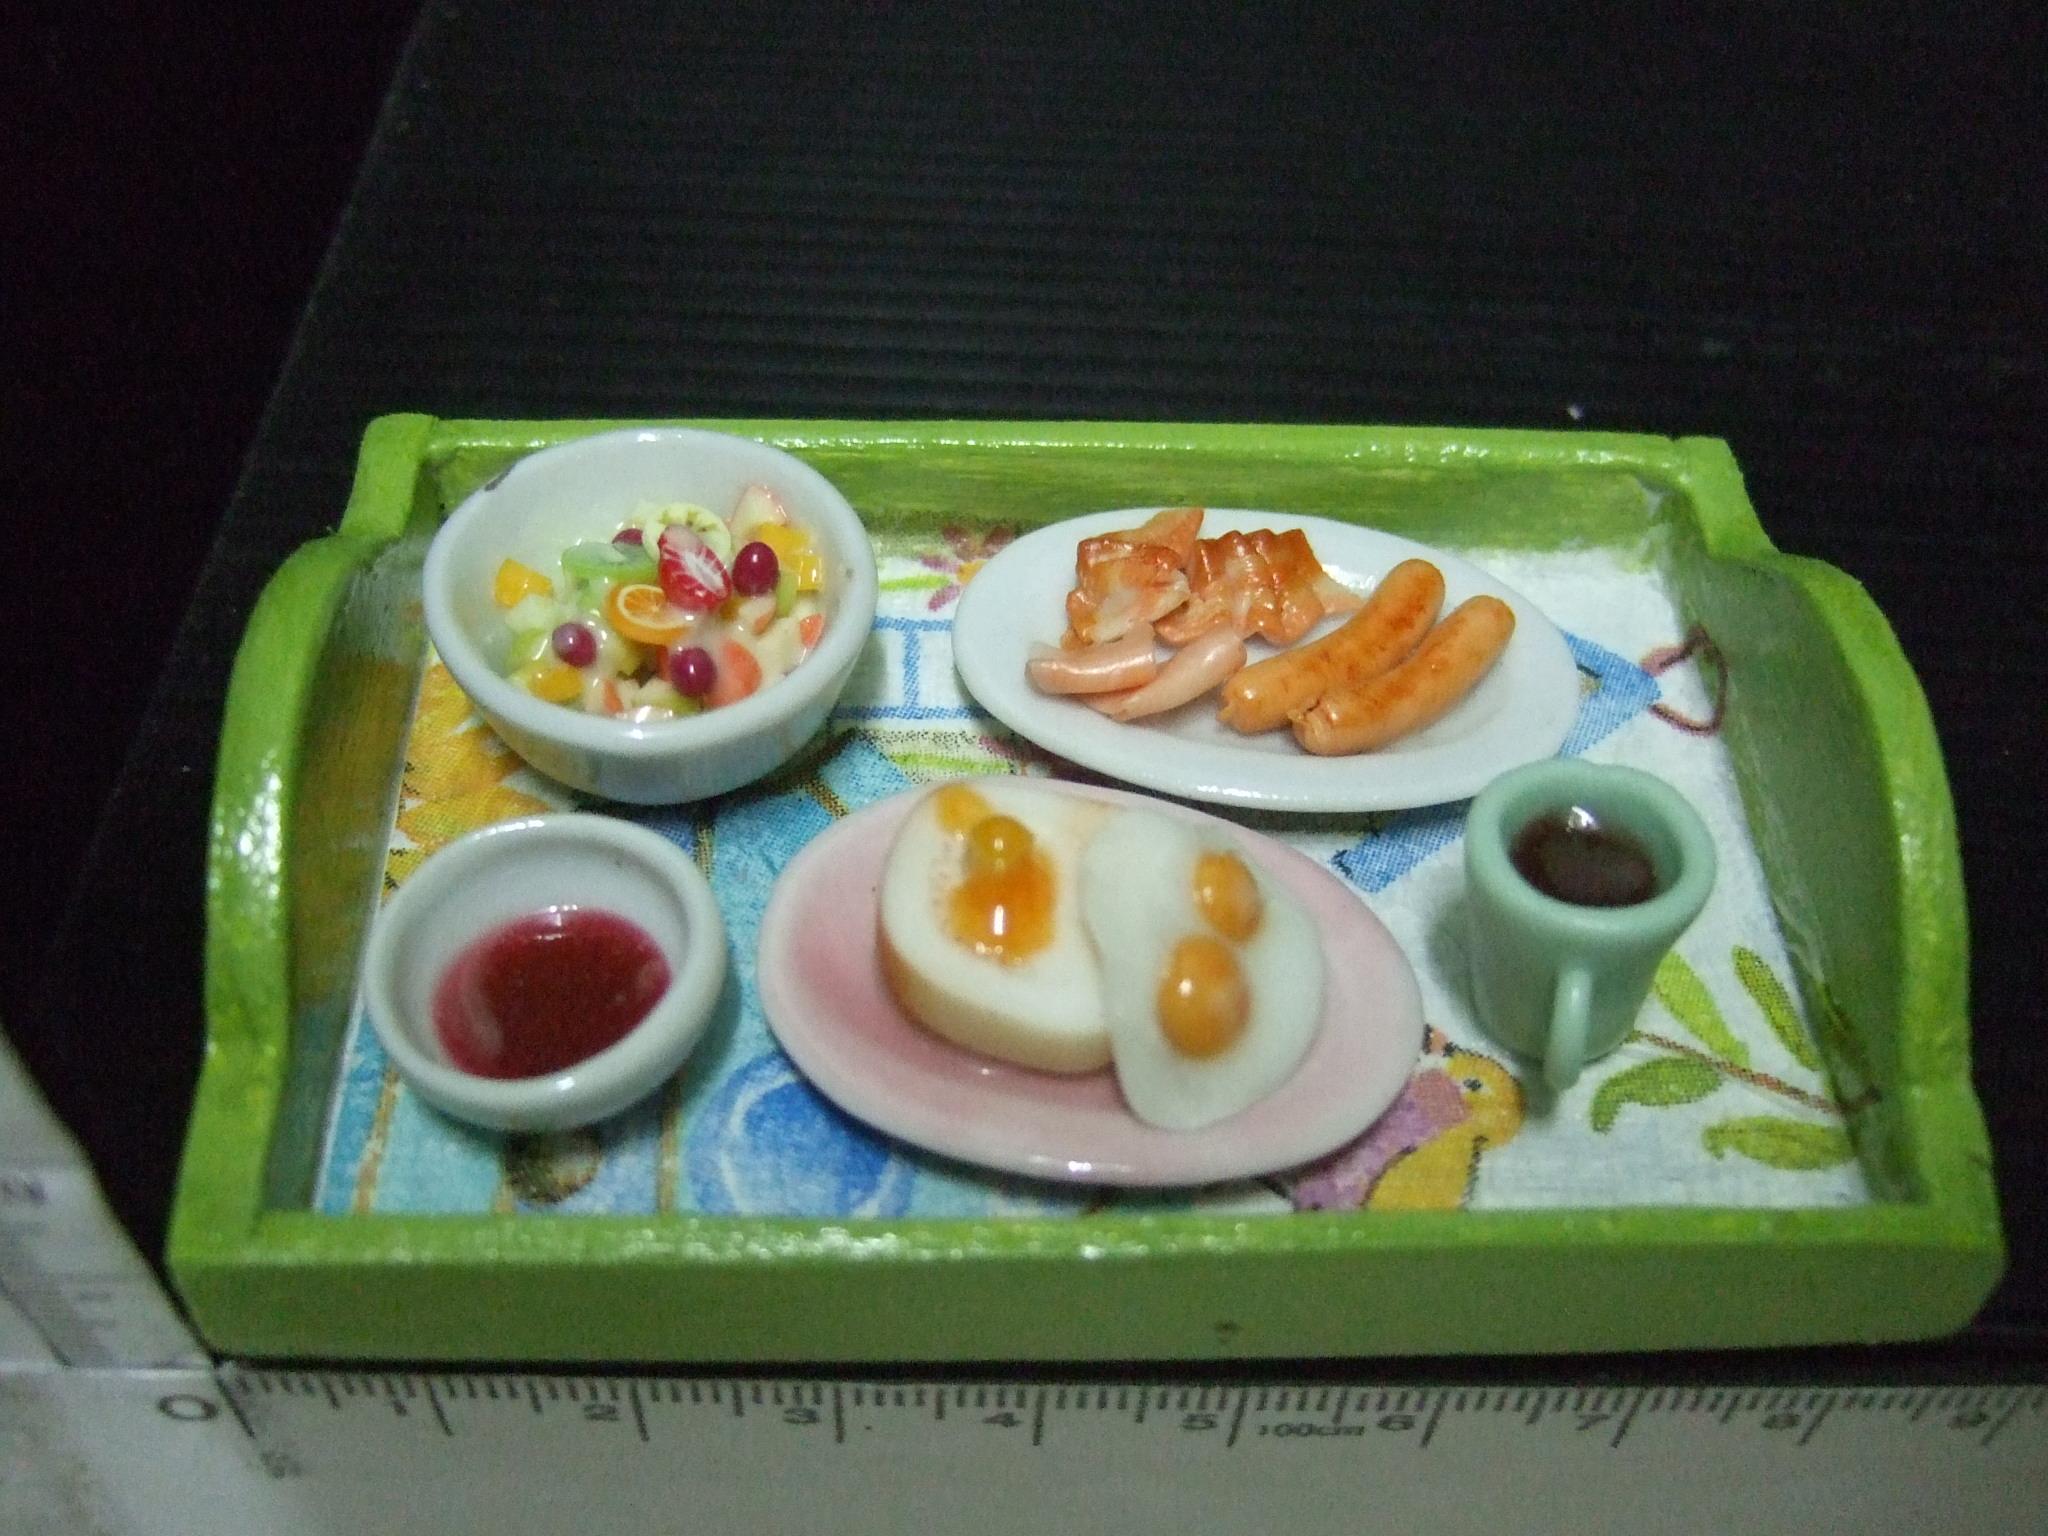 ชุดอาหารเช้าในถาดคละแบบ